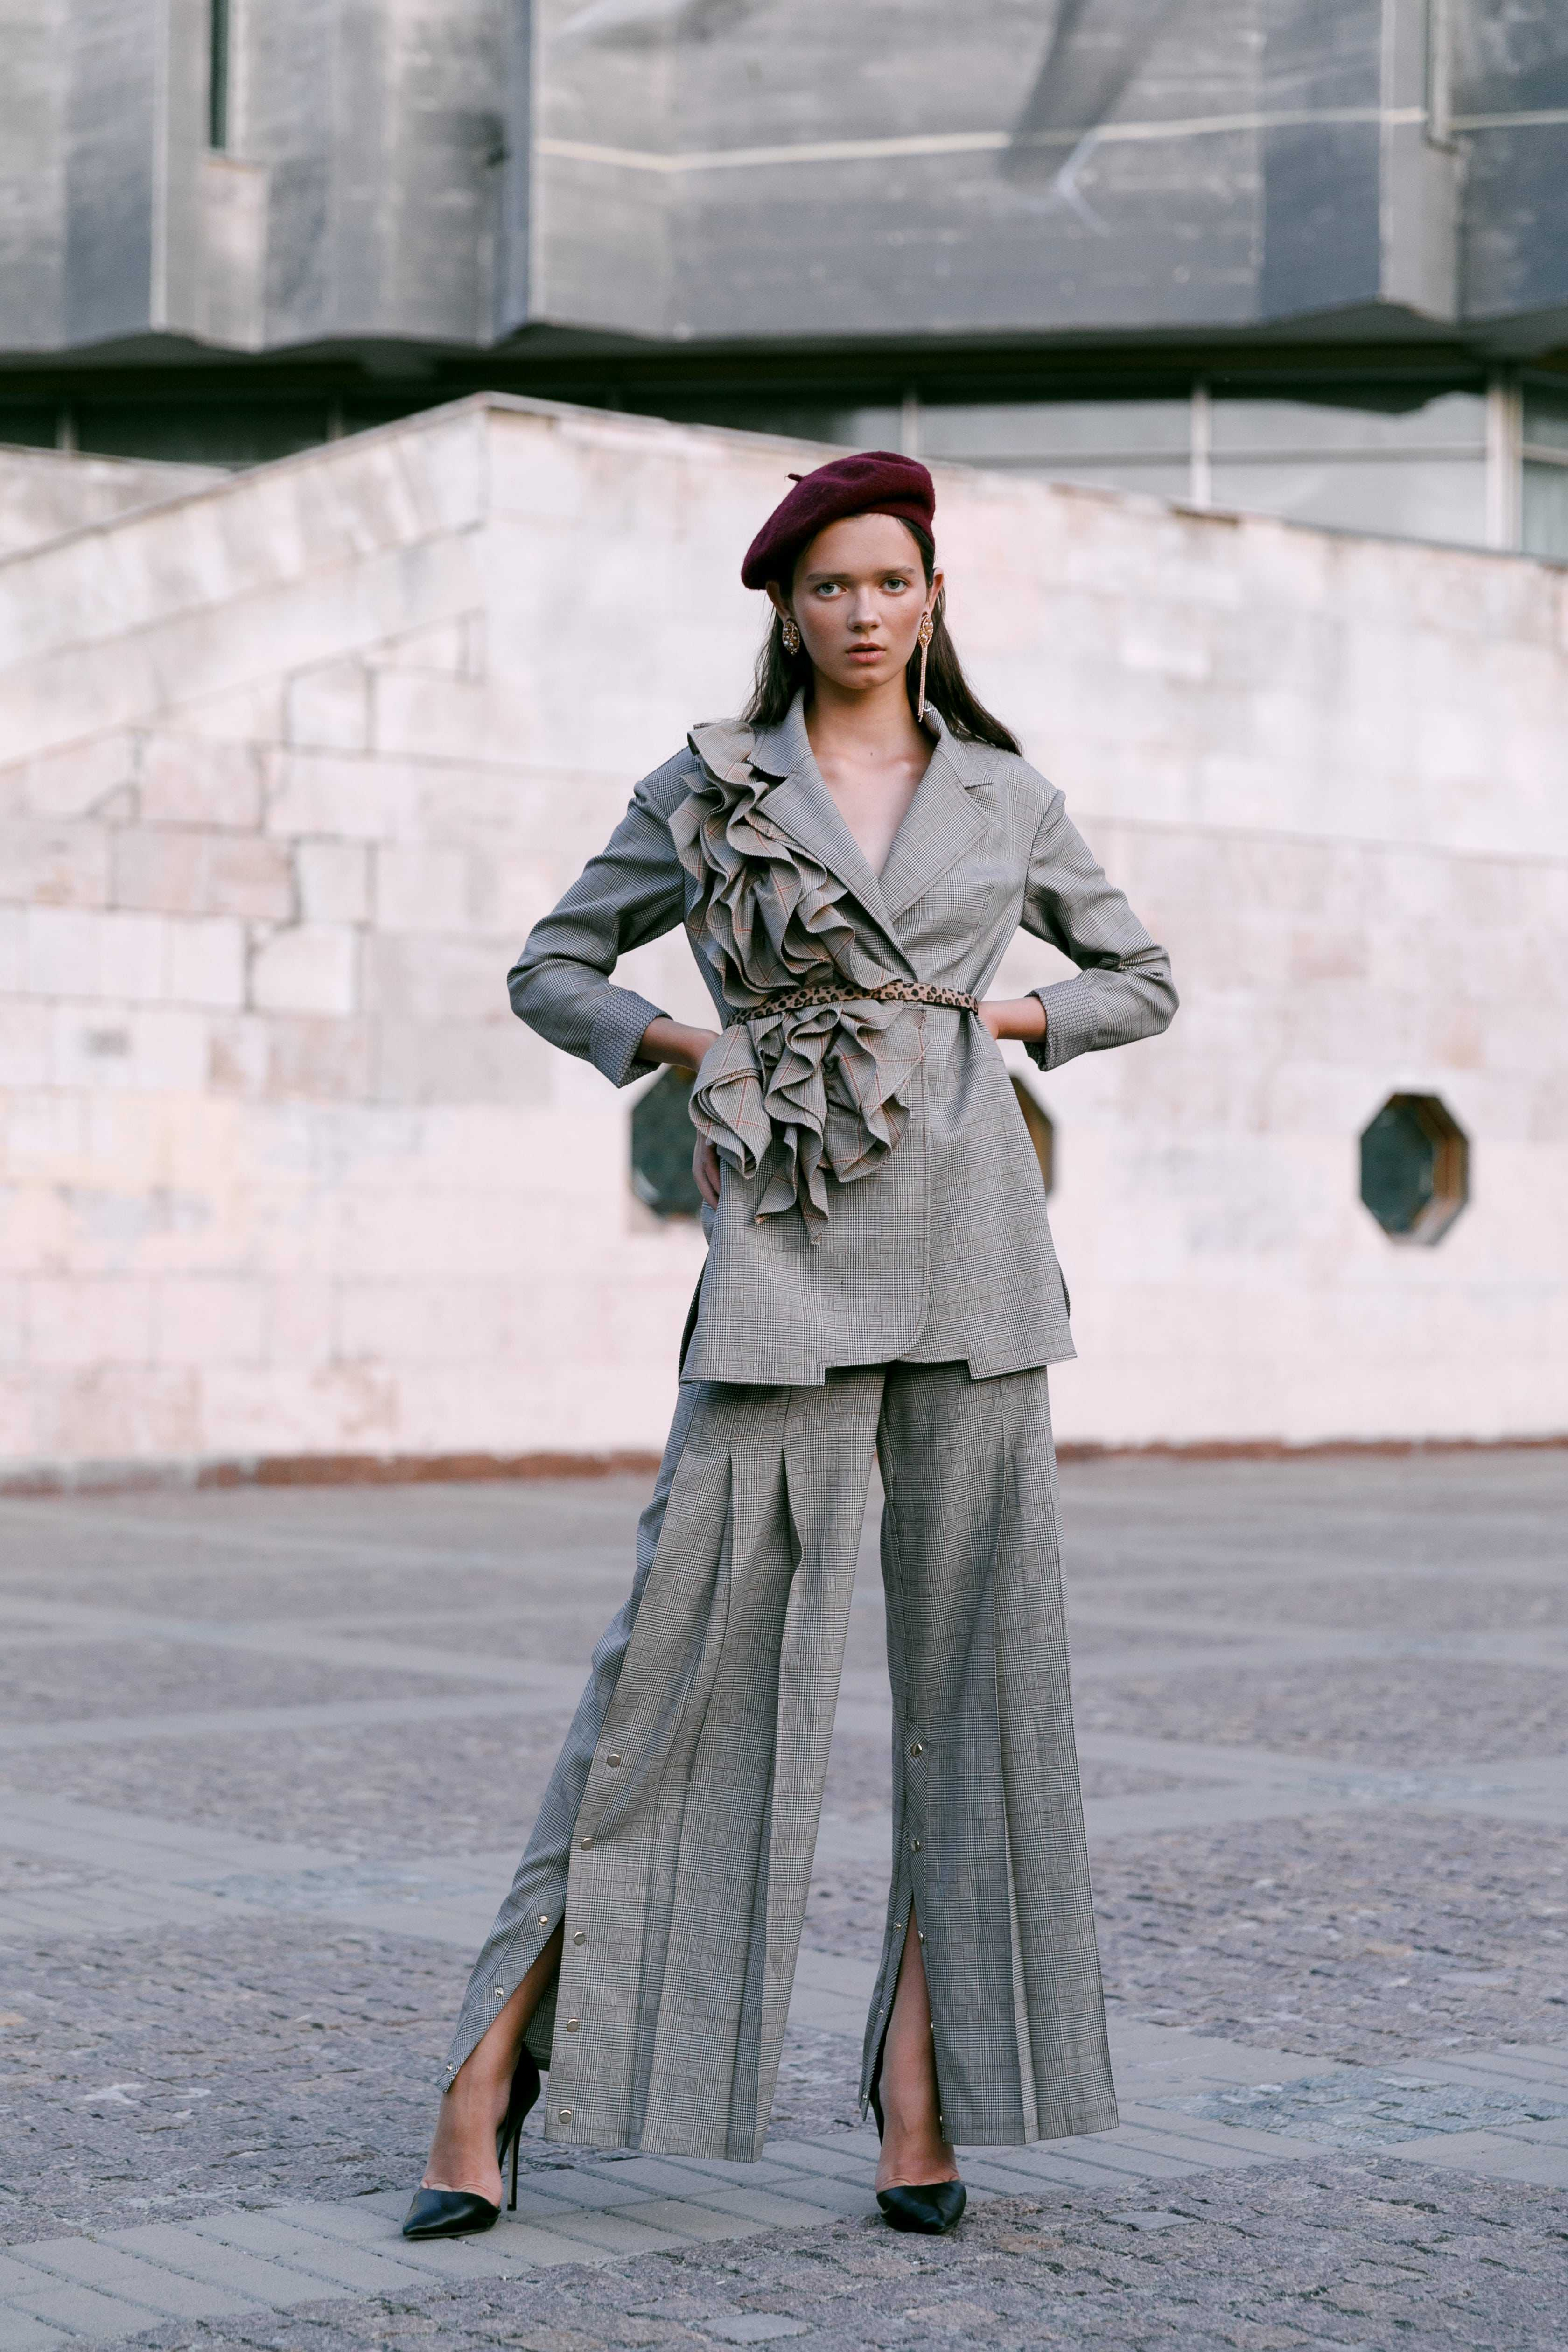 Городская осень 2019 стильные образы от украинских брендов костюм CIX, обувь Hameleon shoes, украшения UMORANOVA